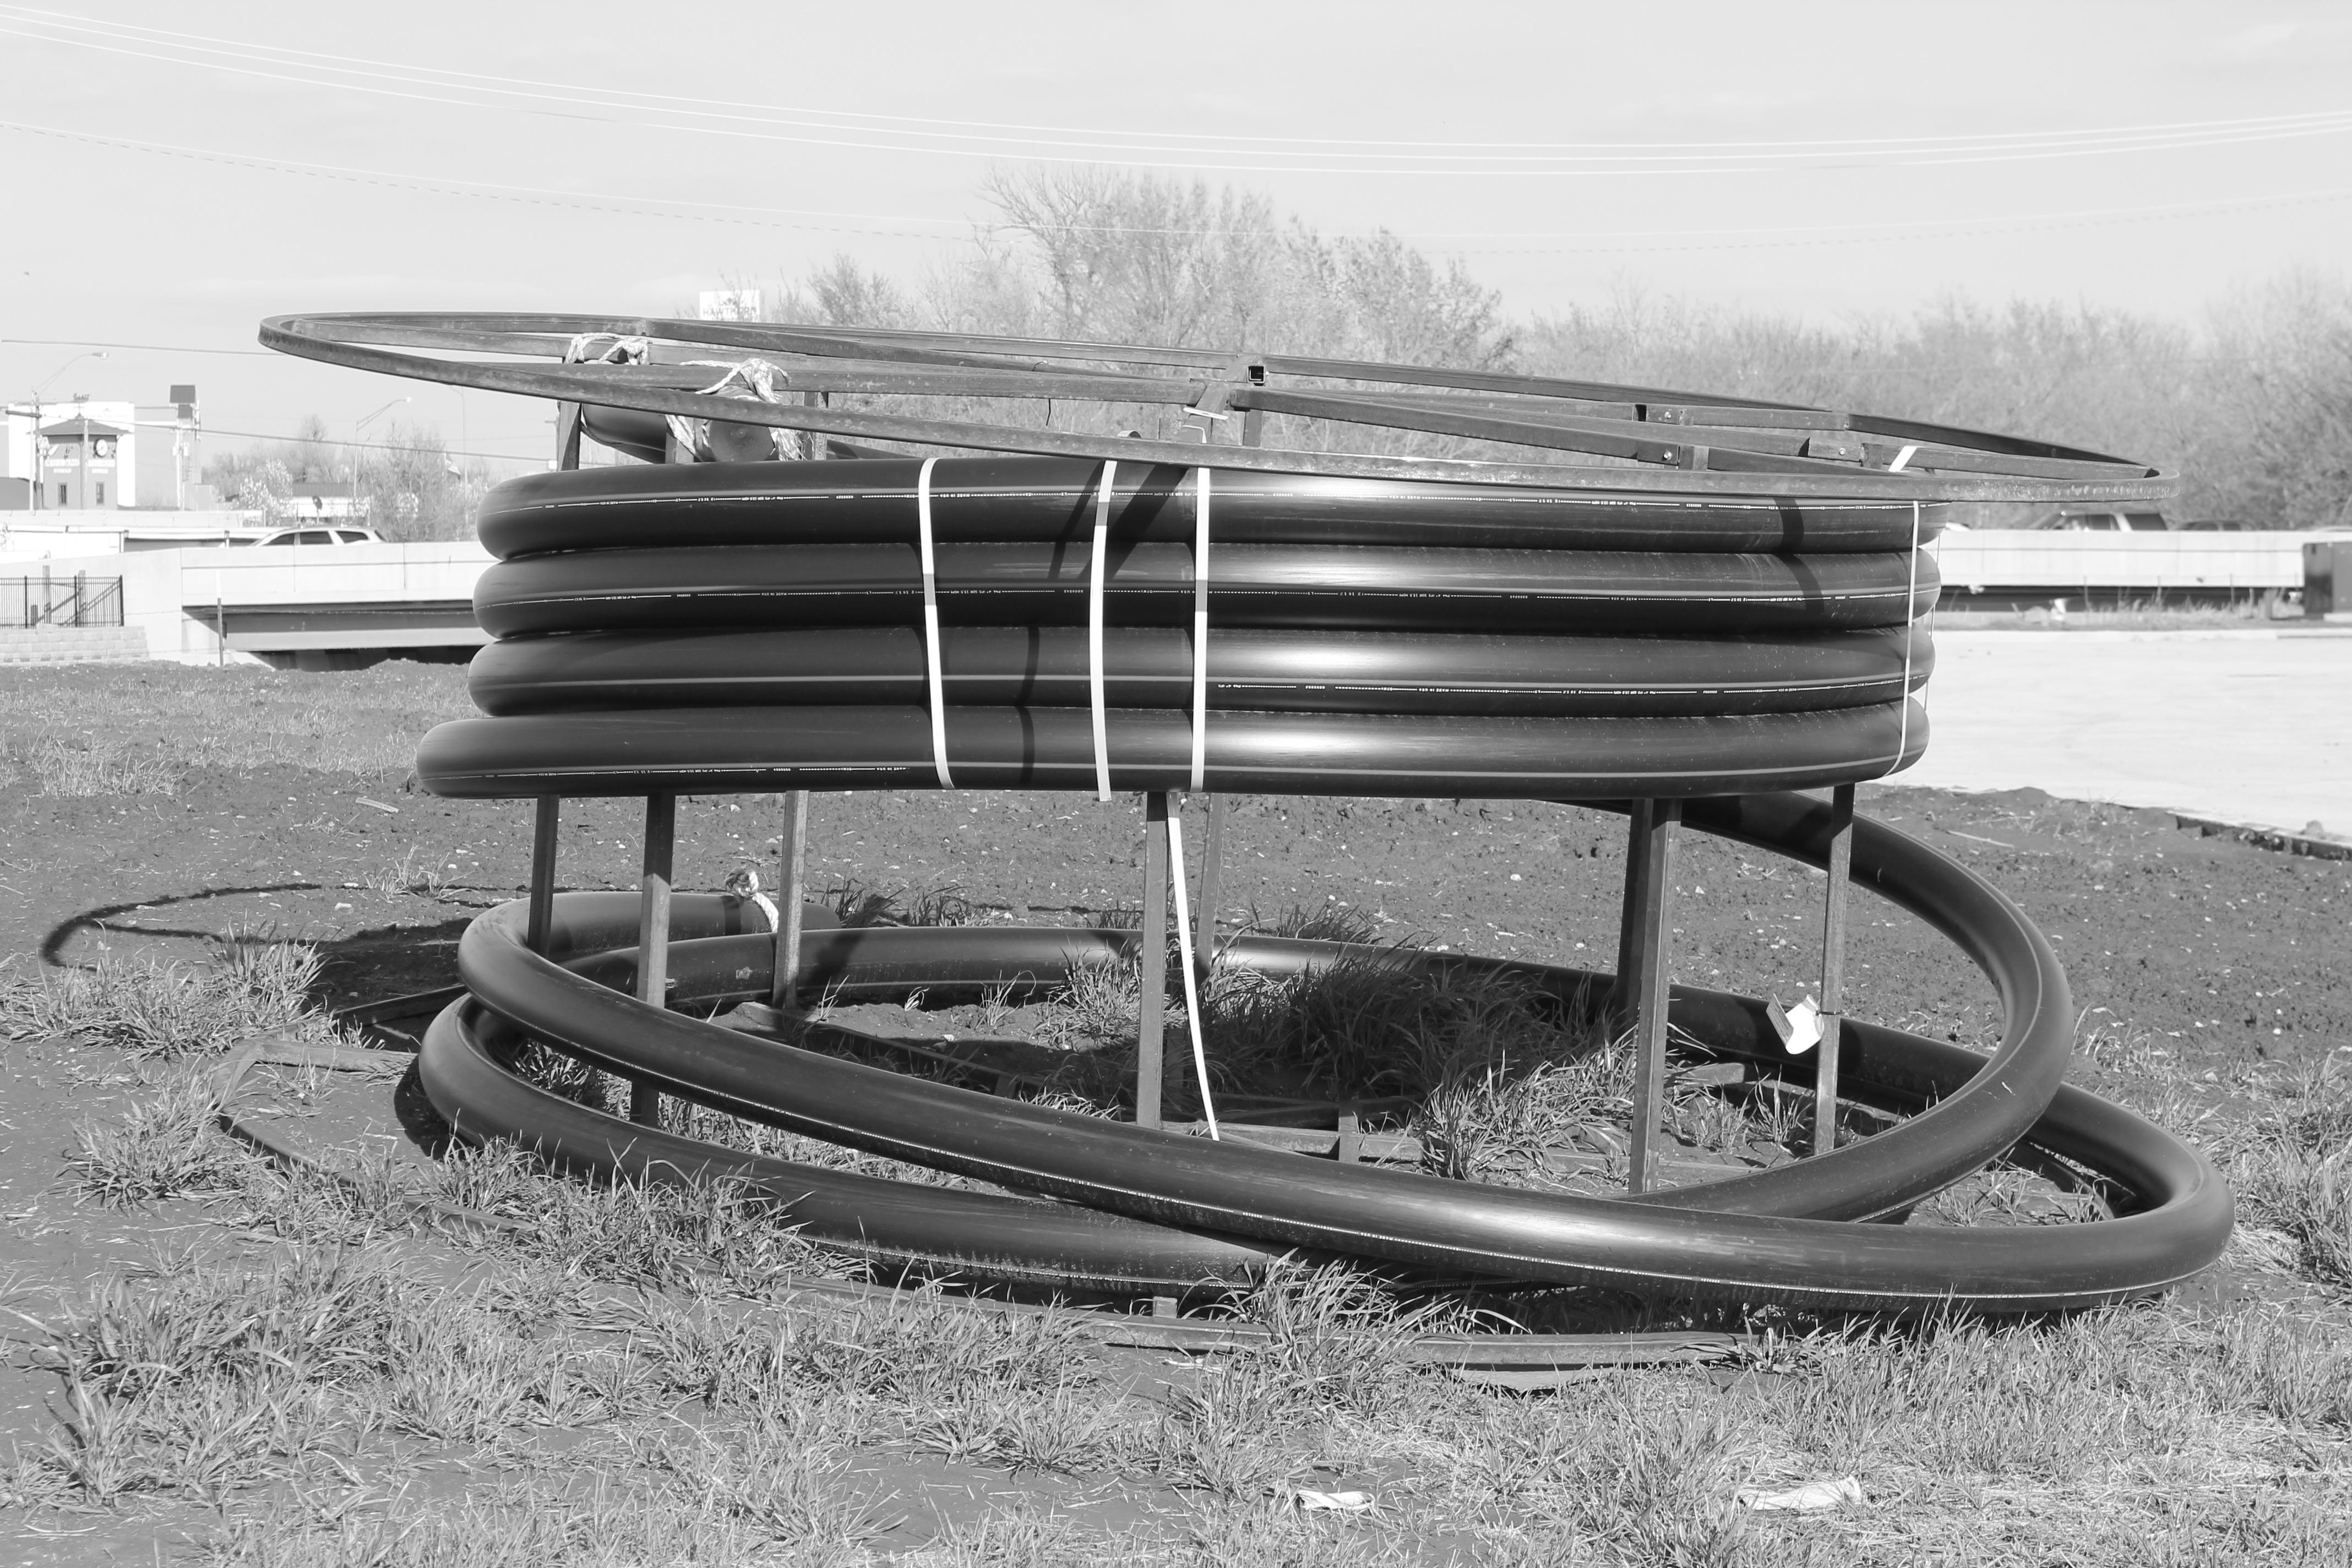 Kostenlose foto : Schwarz und weiß, Boot, Rad, Kabel, Fahrzeug ...